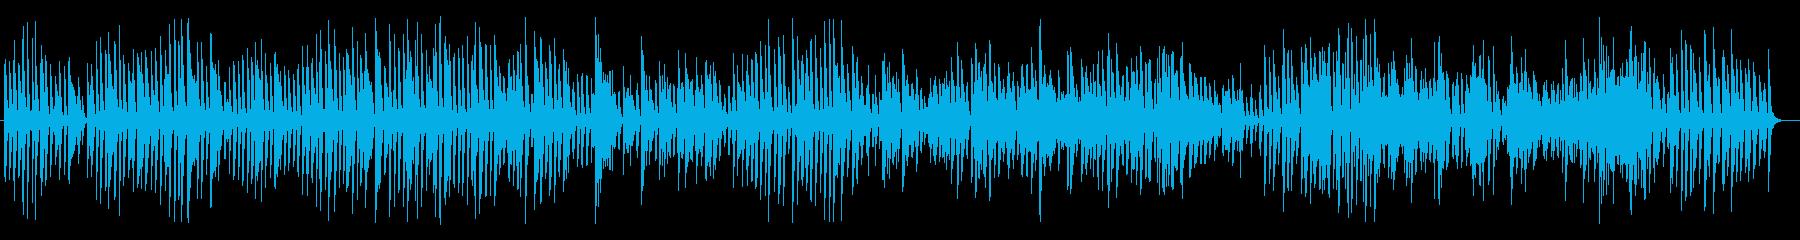 レトロでほのぼのとしたジャズピアノBGMの再生済みの波形